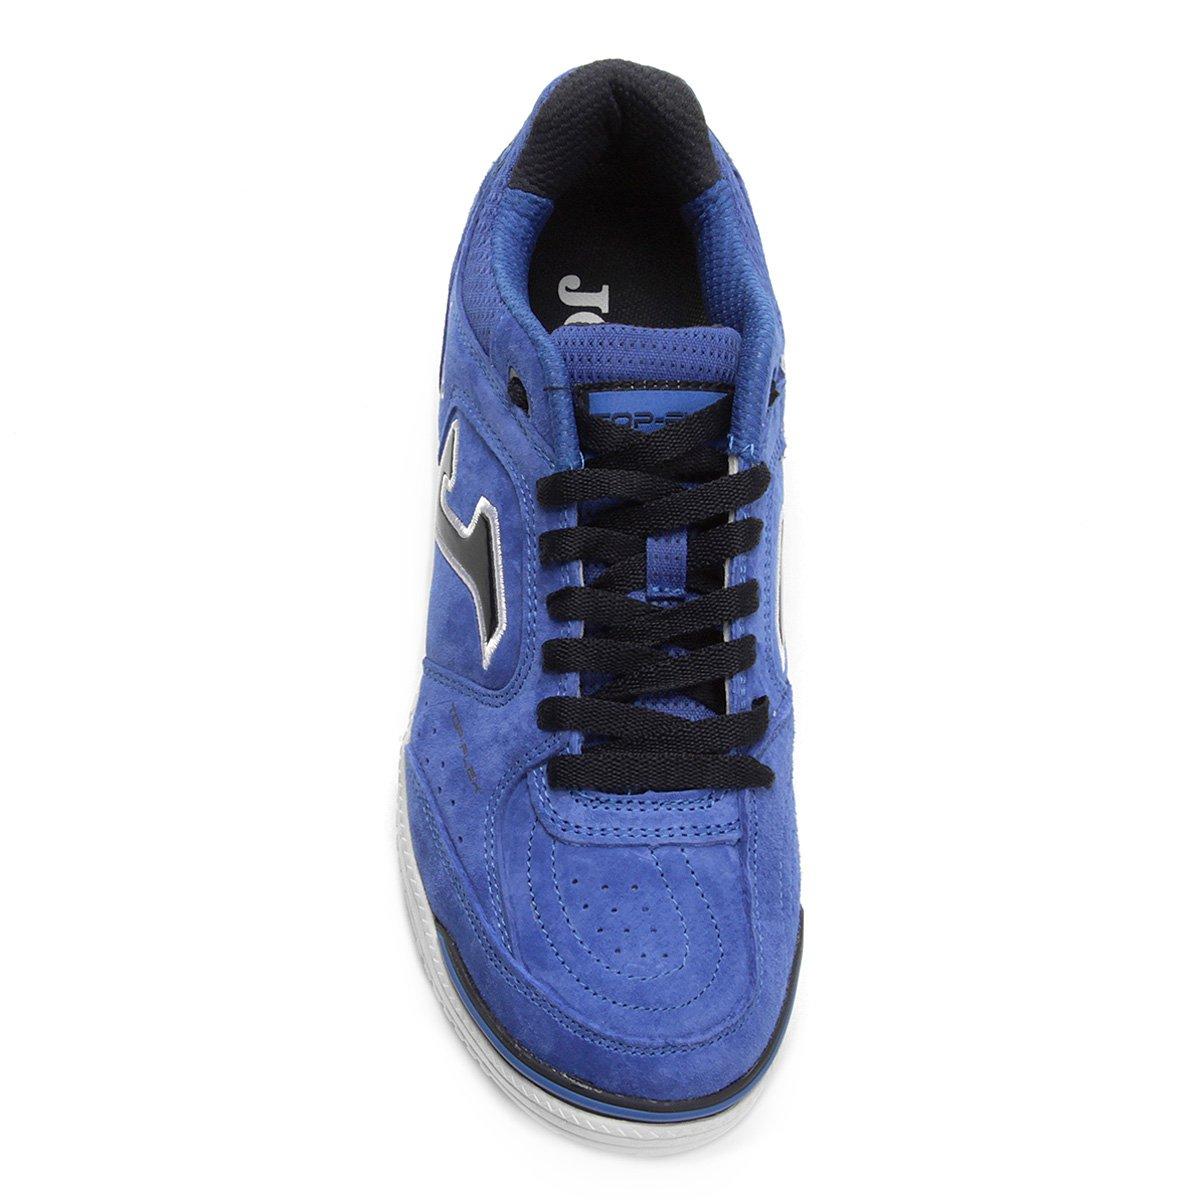 Chuteira Futsal Joma Top Flex Nobuck 835 IN - Azul - Compre Agora ... d922ea5311eea